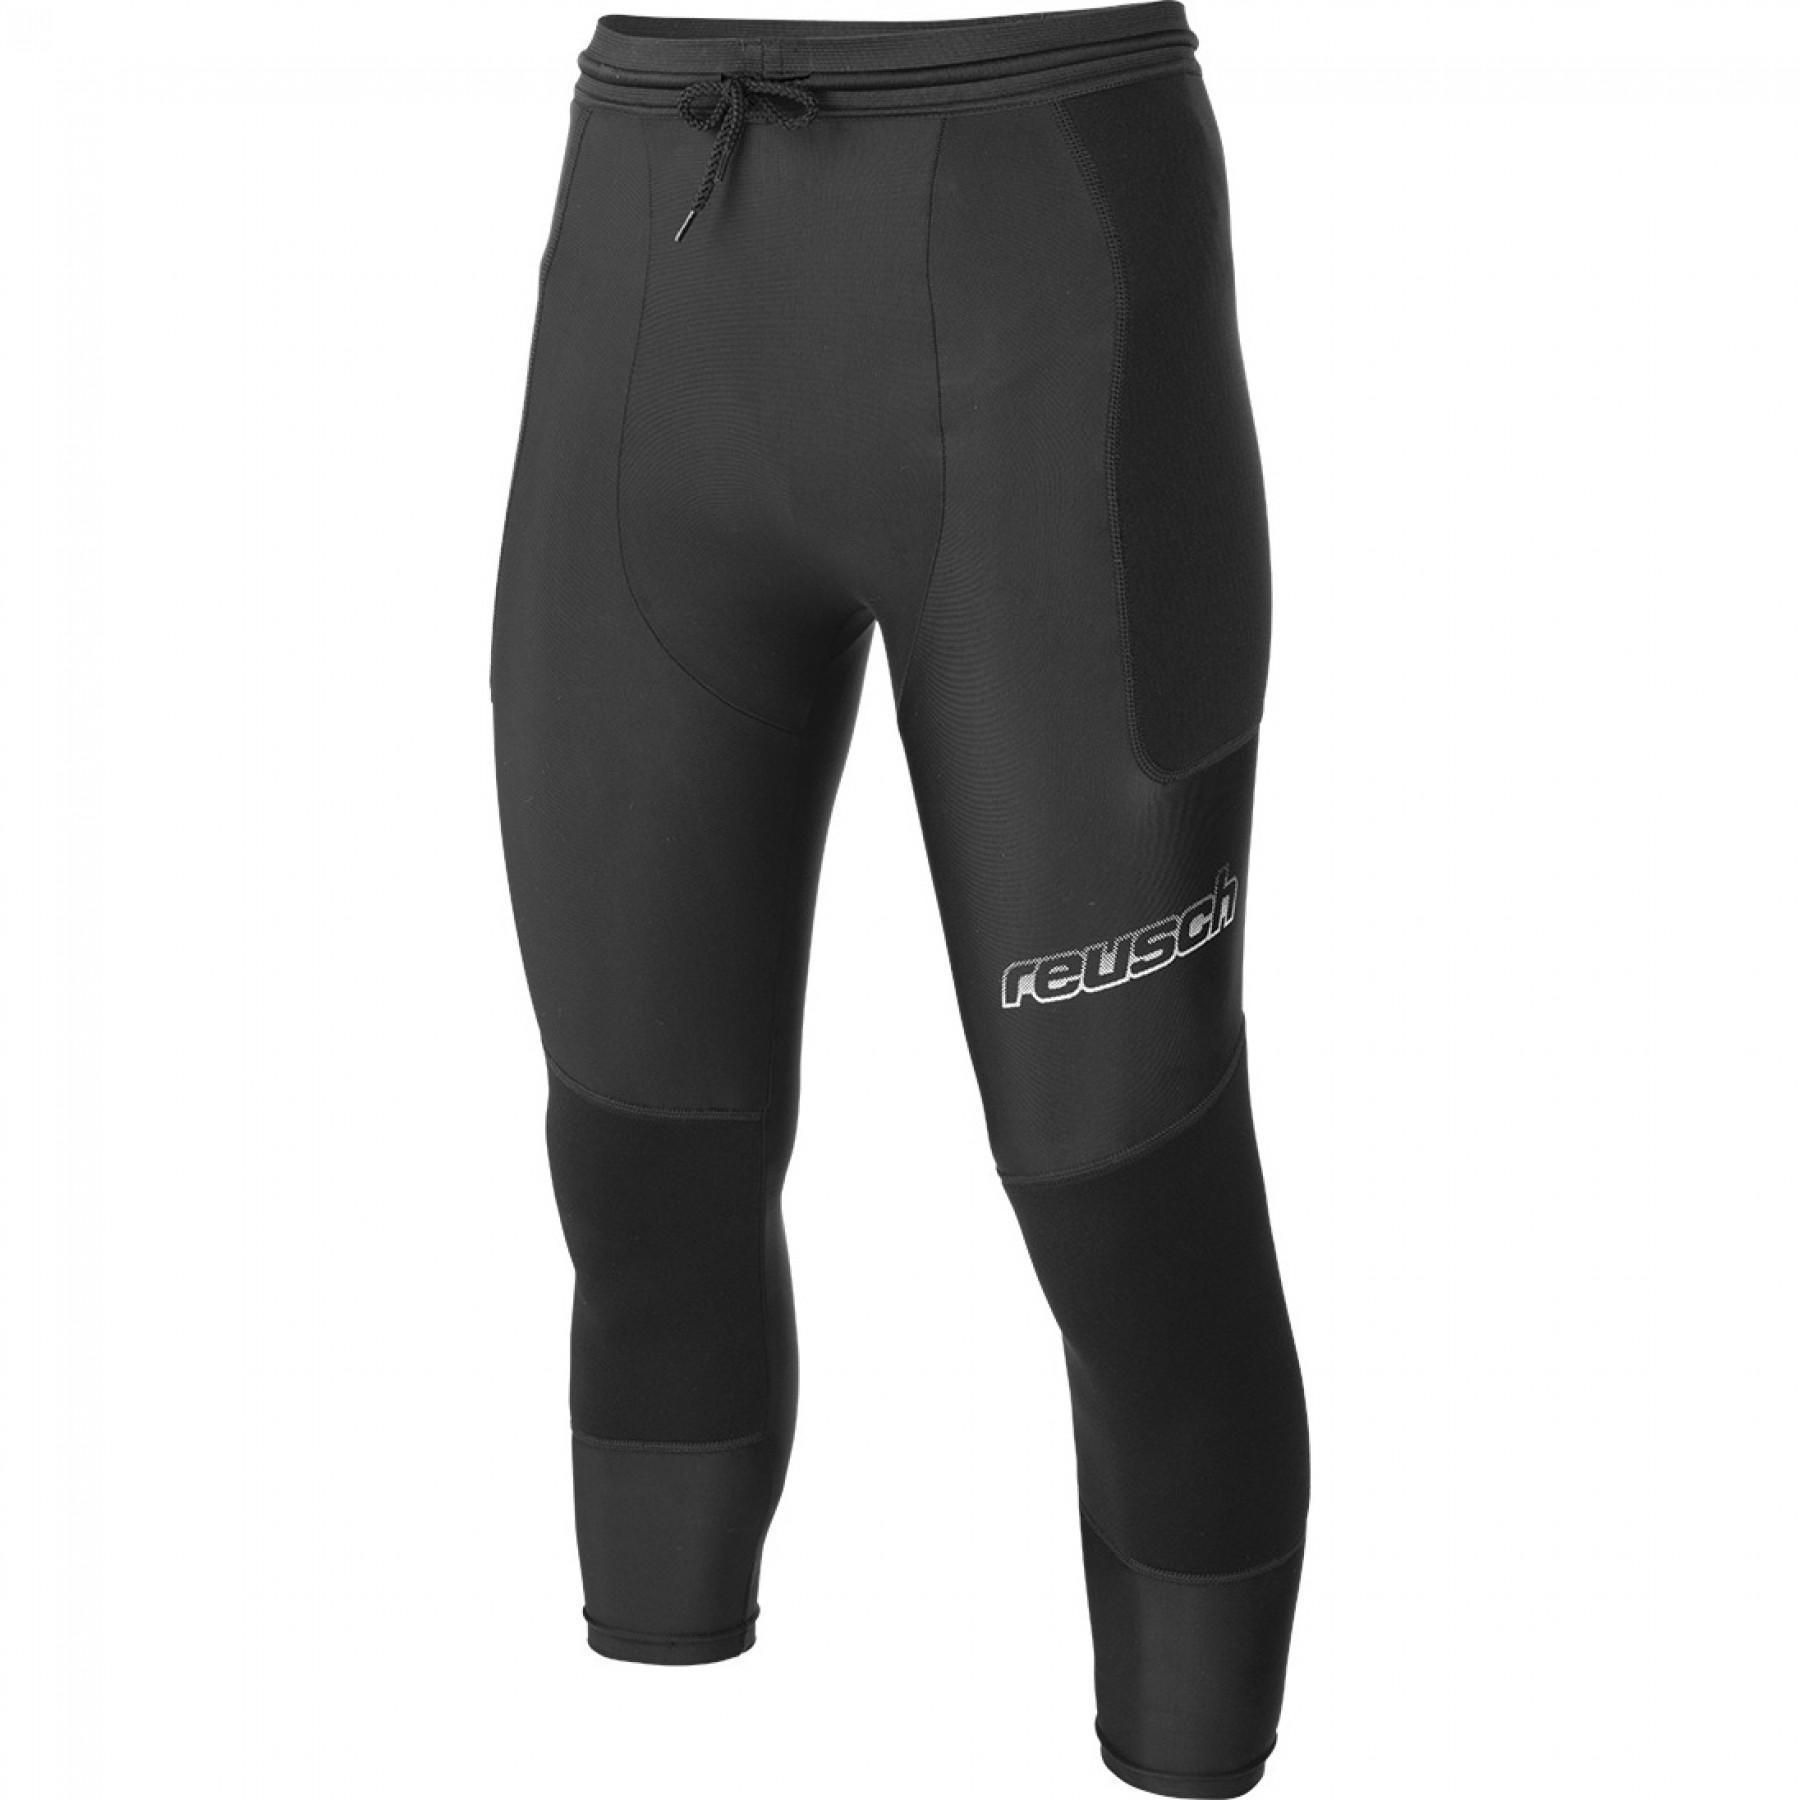 Reusch goalkeeper trousers 3/4 Hybrid